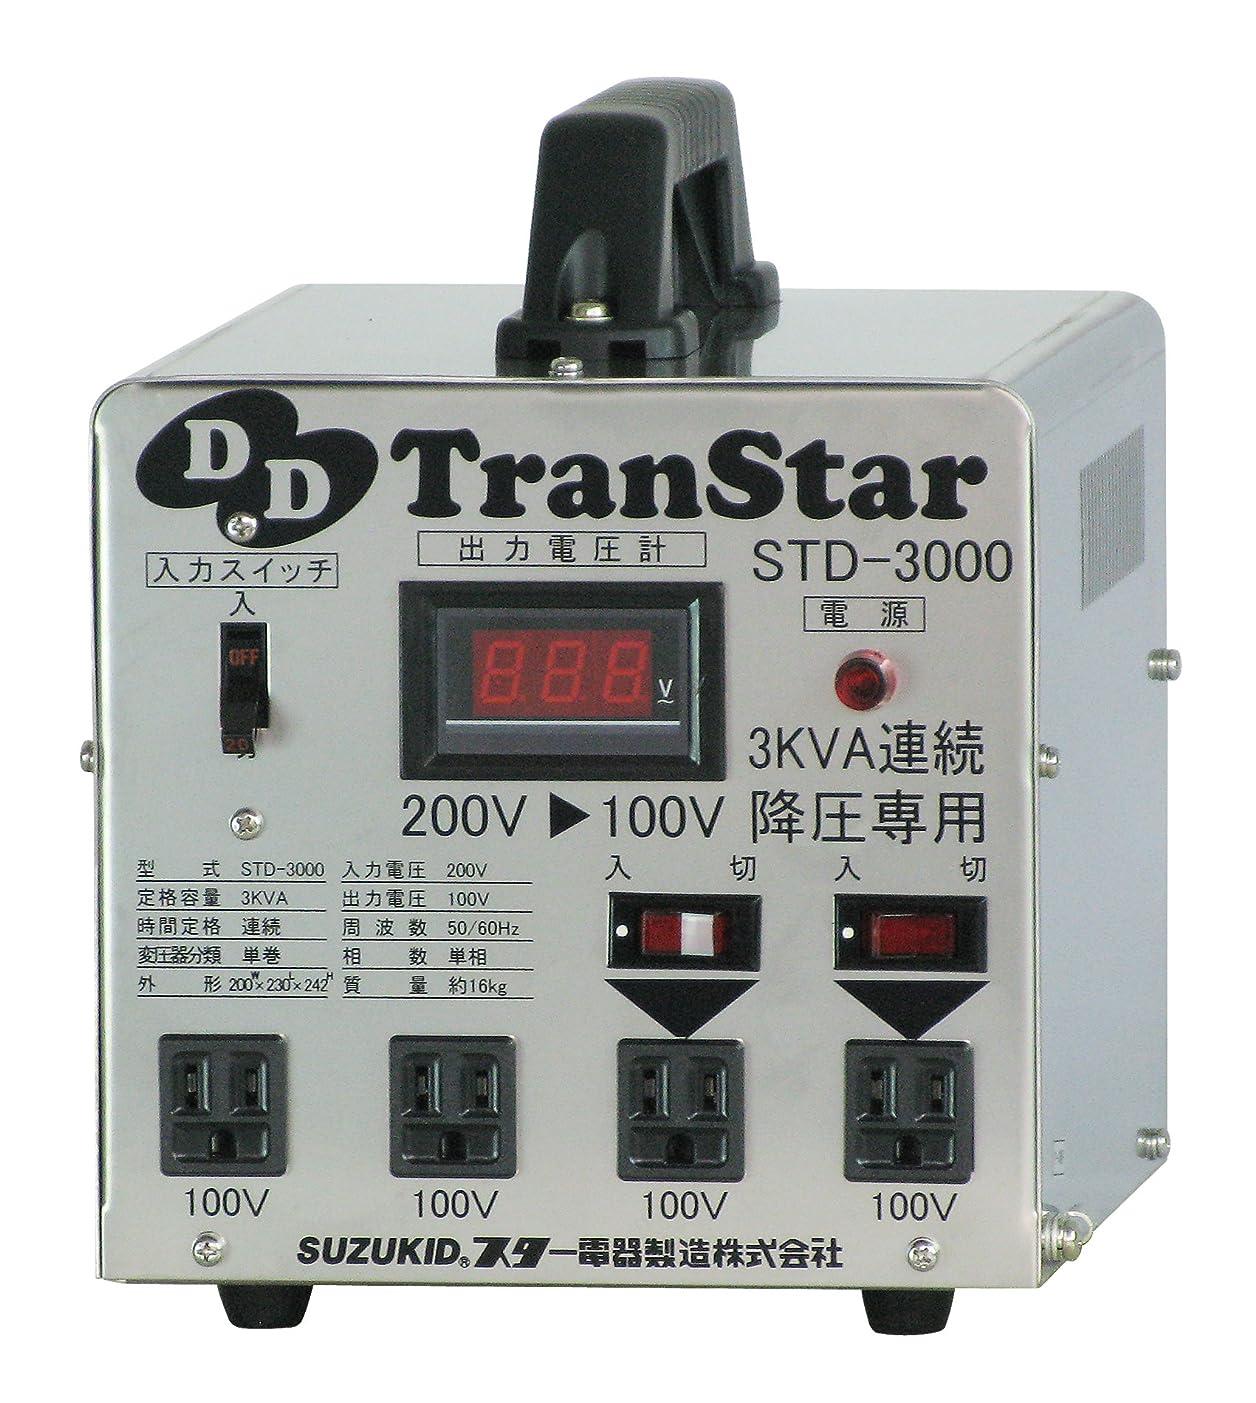 実質的ロデオ前文スズキッド(SUZUKID) 降圧器 DDトランスター STD-3000